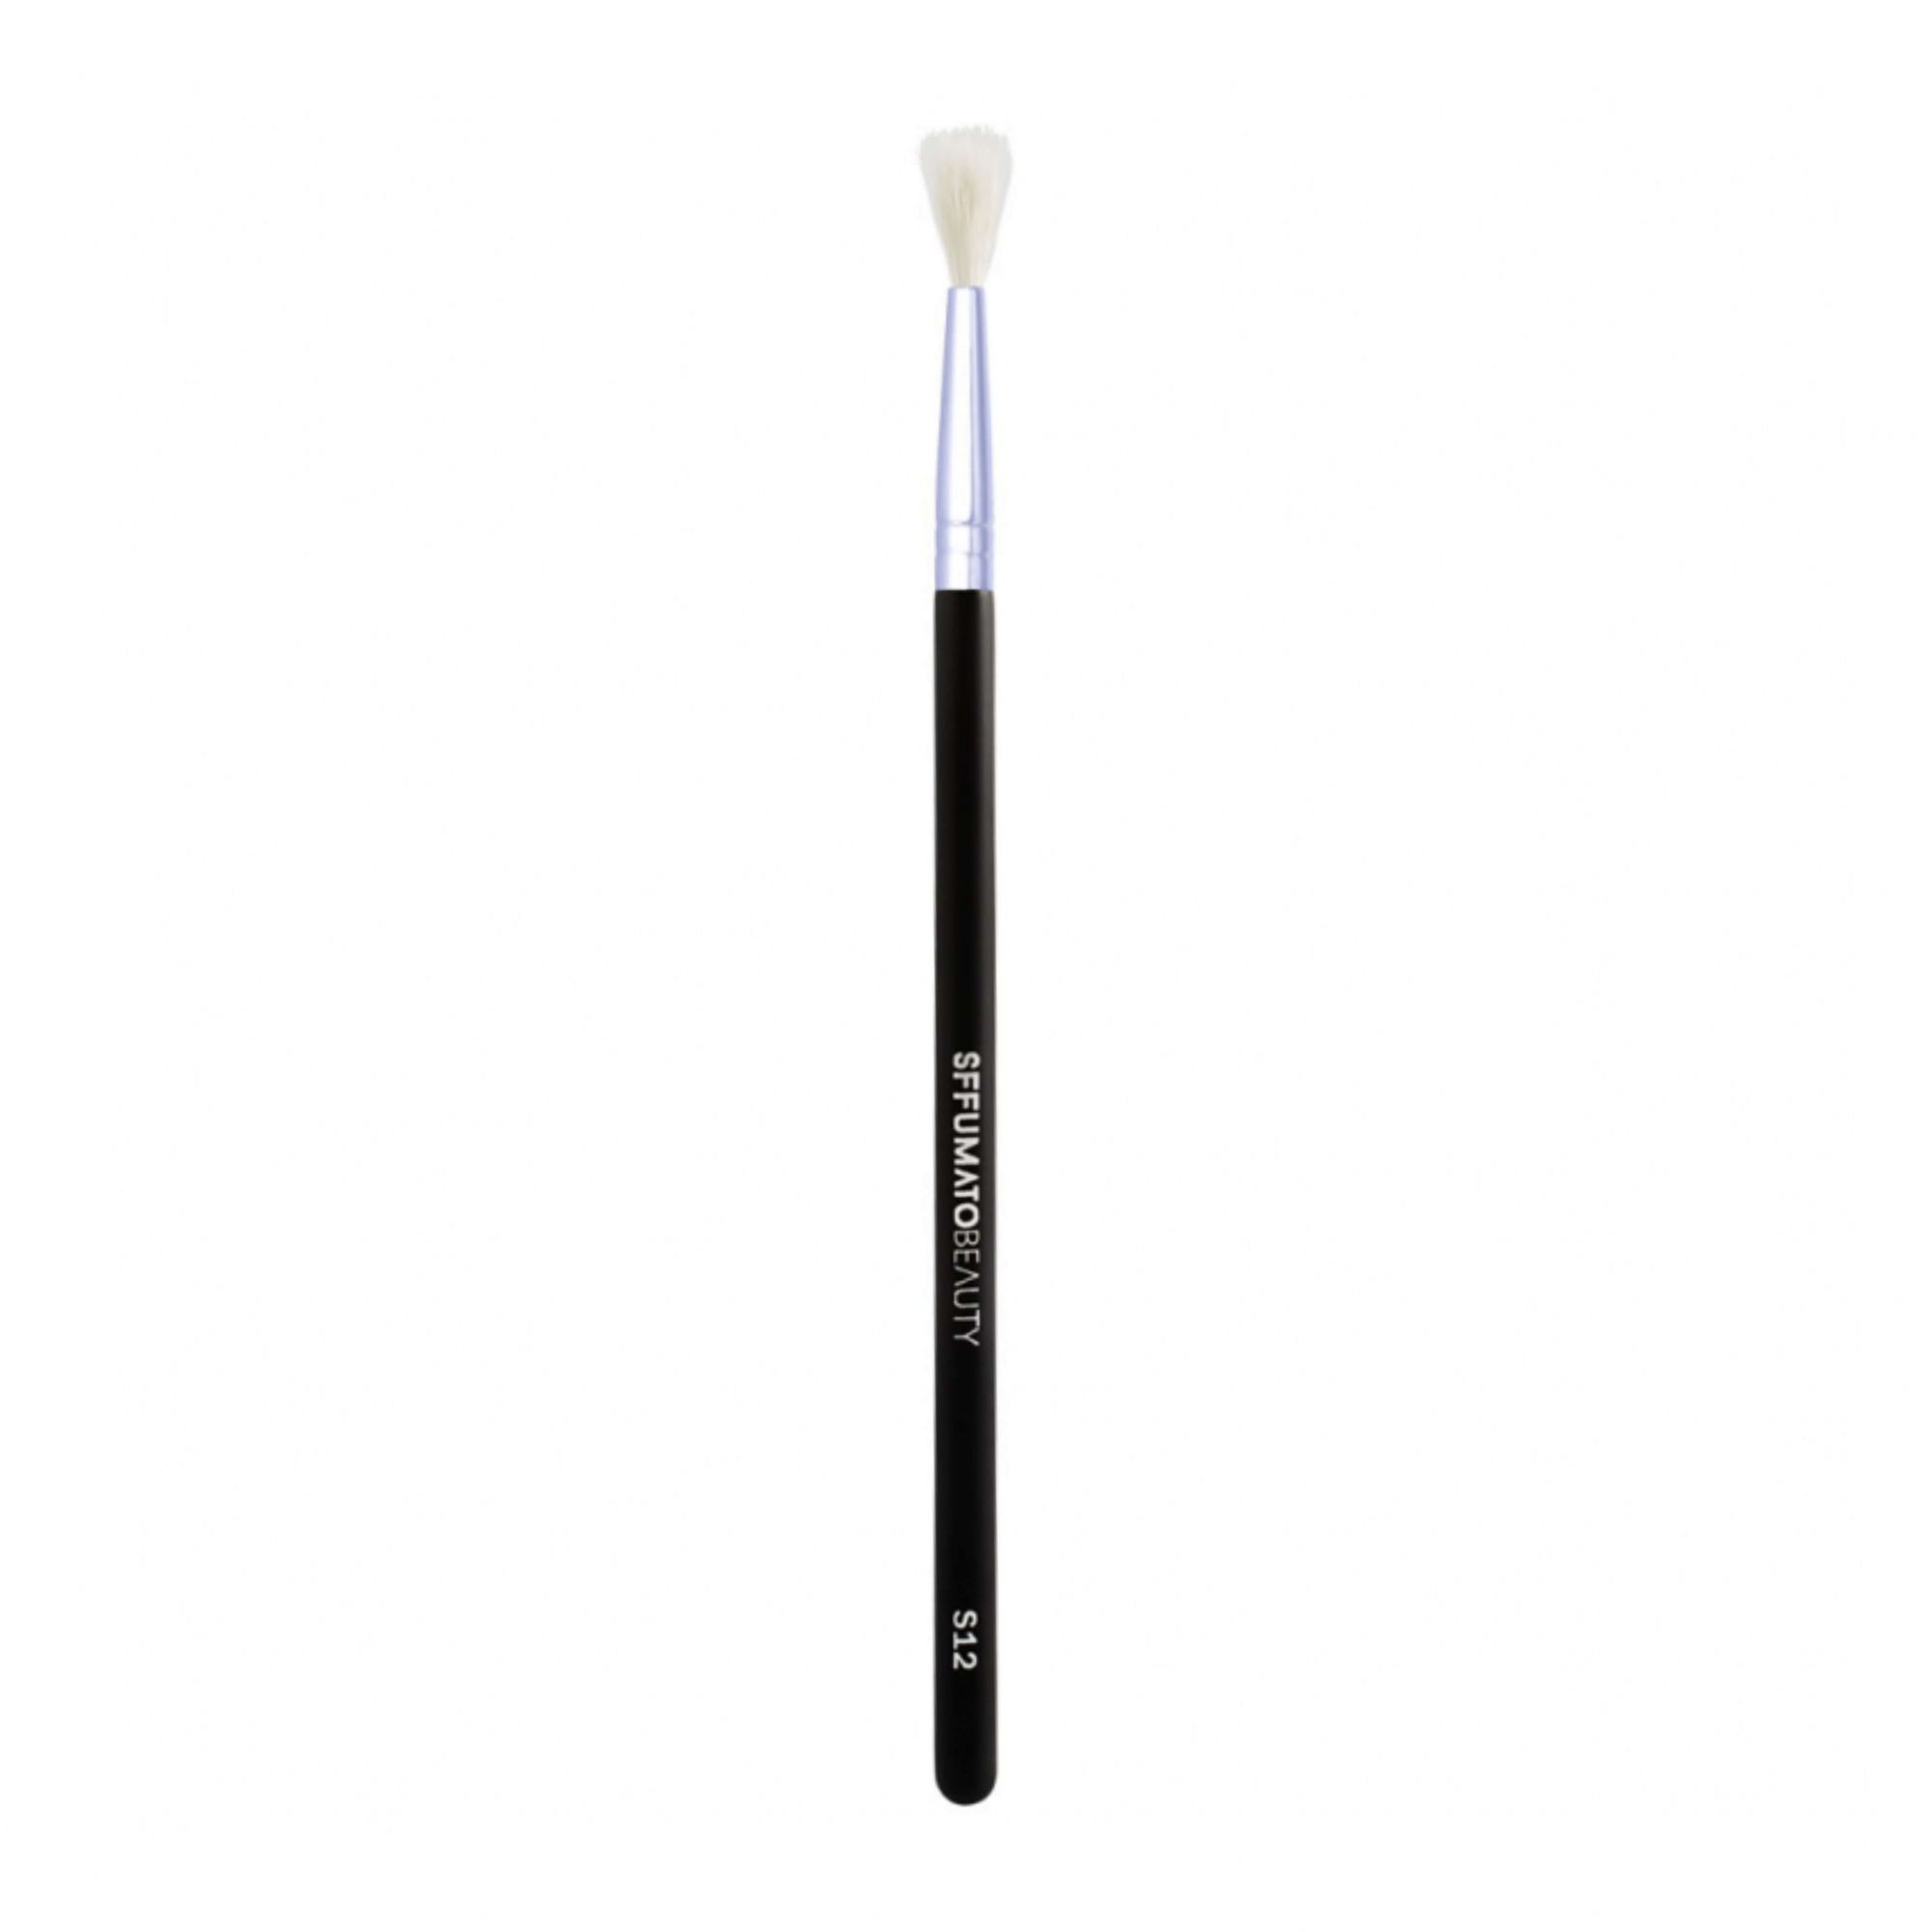 Pincel para Esfumar S12 Sffumato Beauty